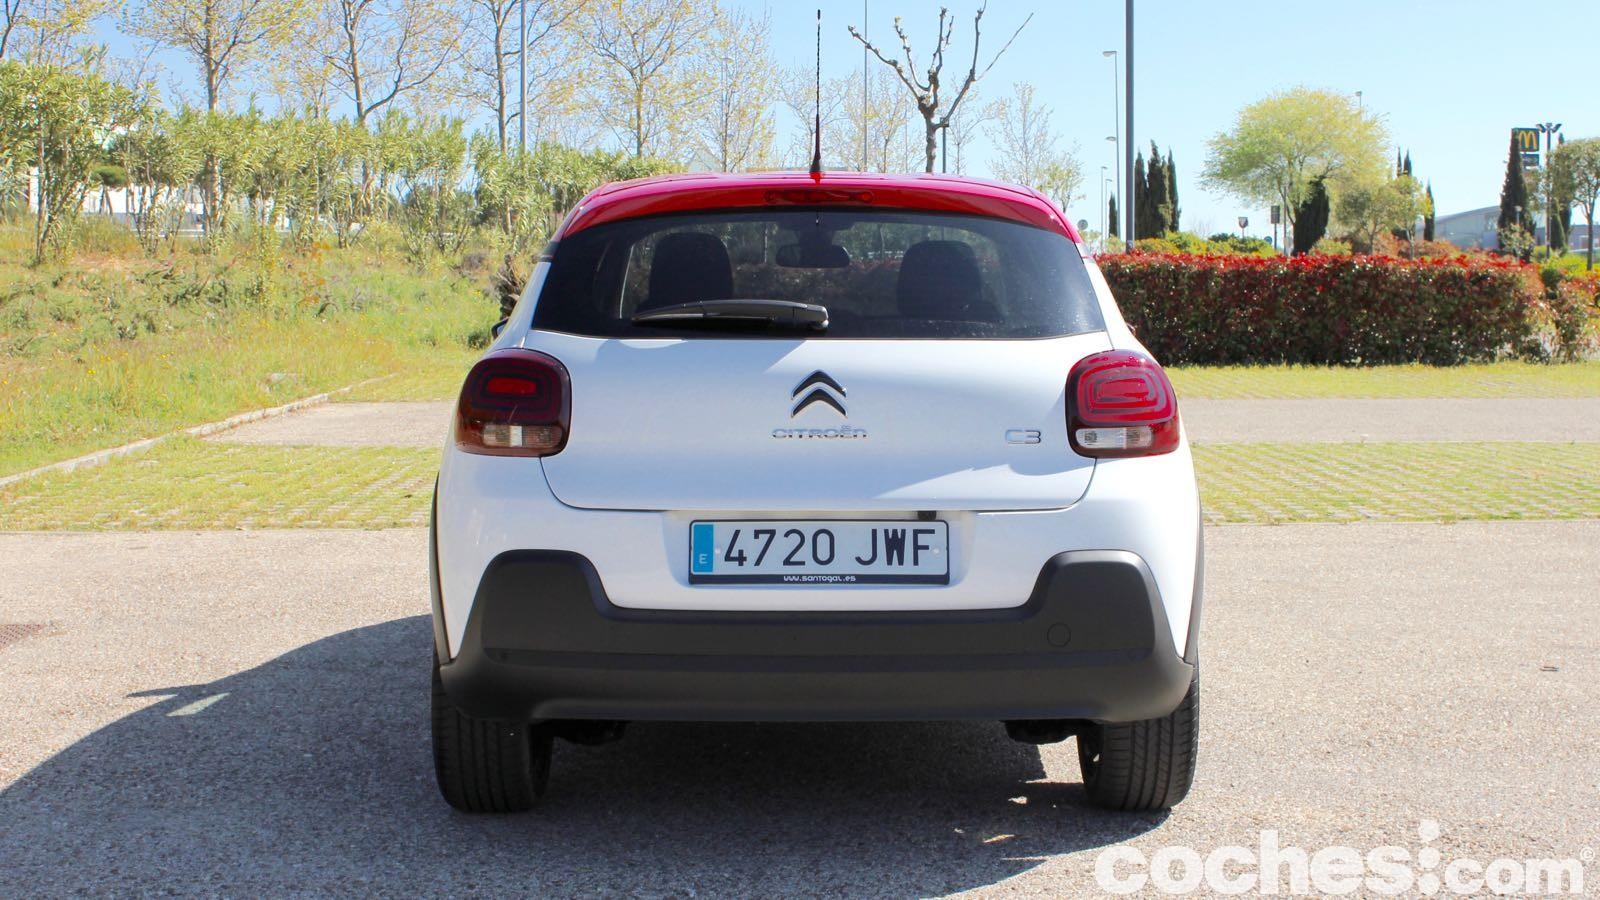 932a12ce1 Citroën C3 2017, prueba contacto y opinión